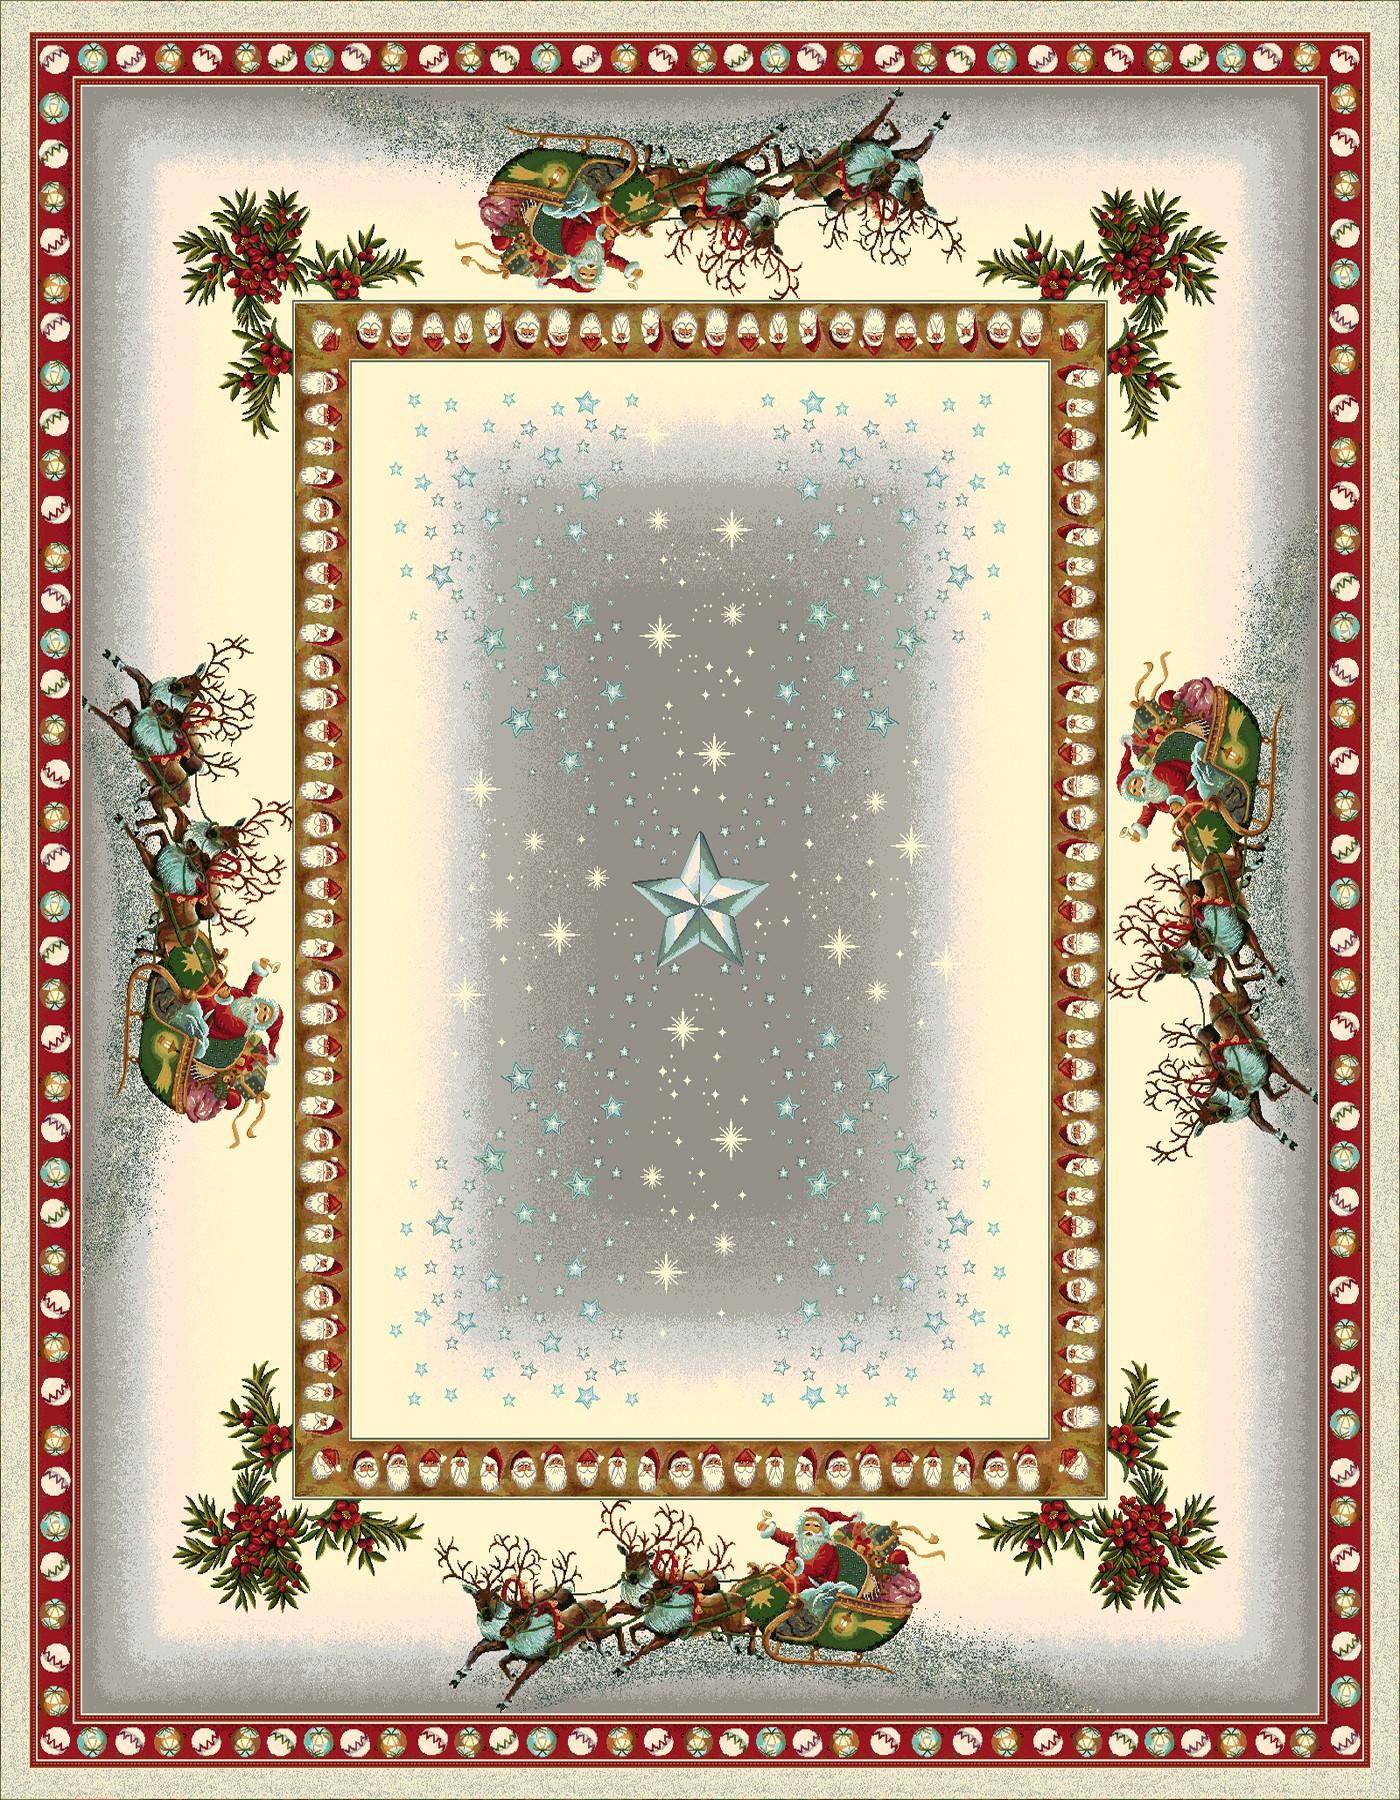 Χριστουγεννιάτικο Τραπεζομάντηλο 140x180 Vassiliadis Estrellas Gris Lurex